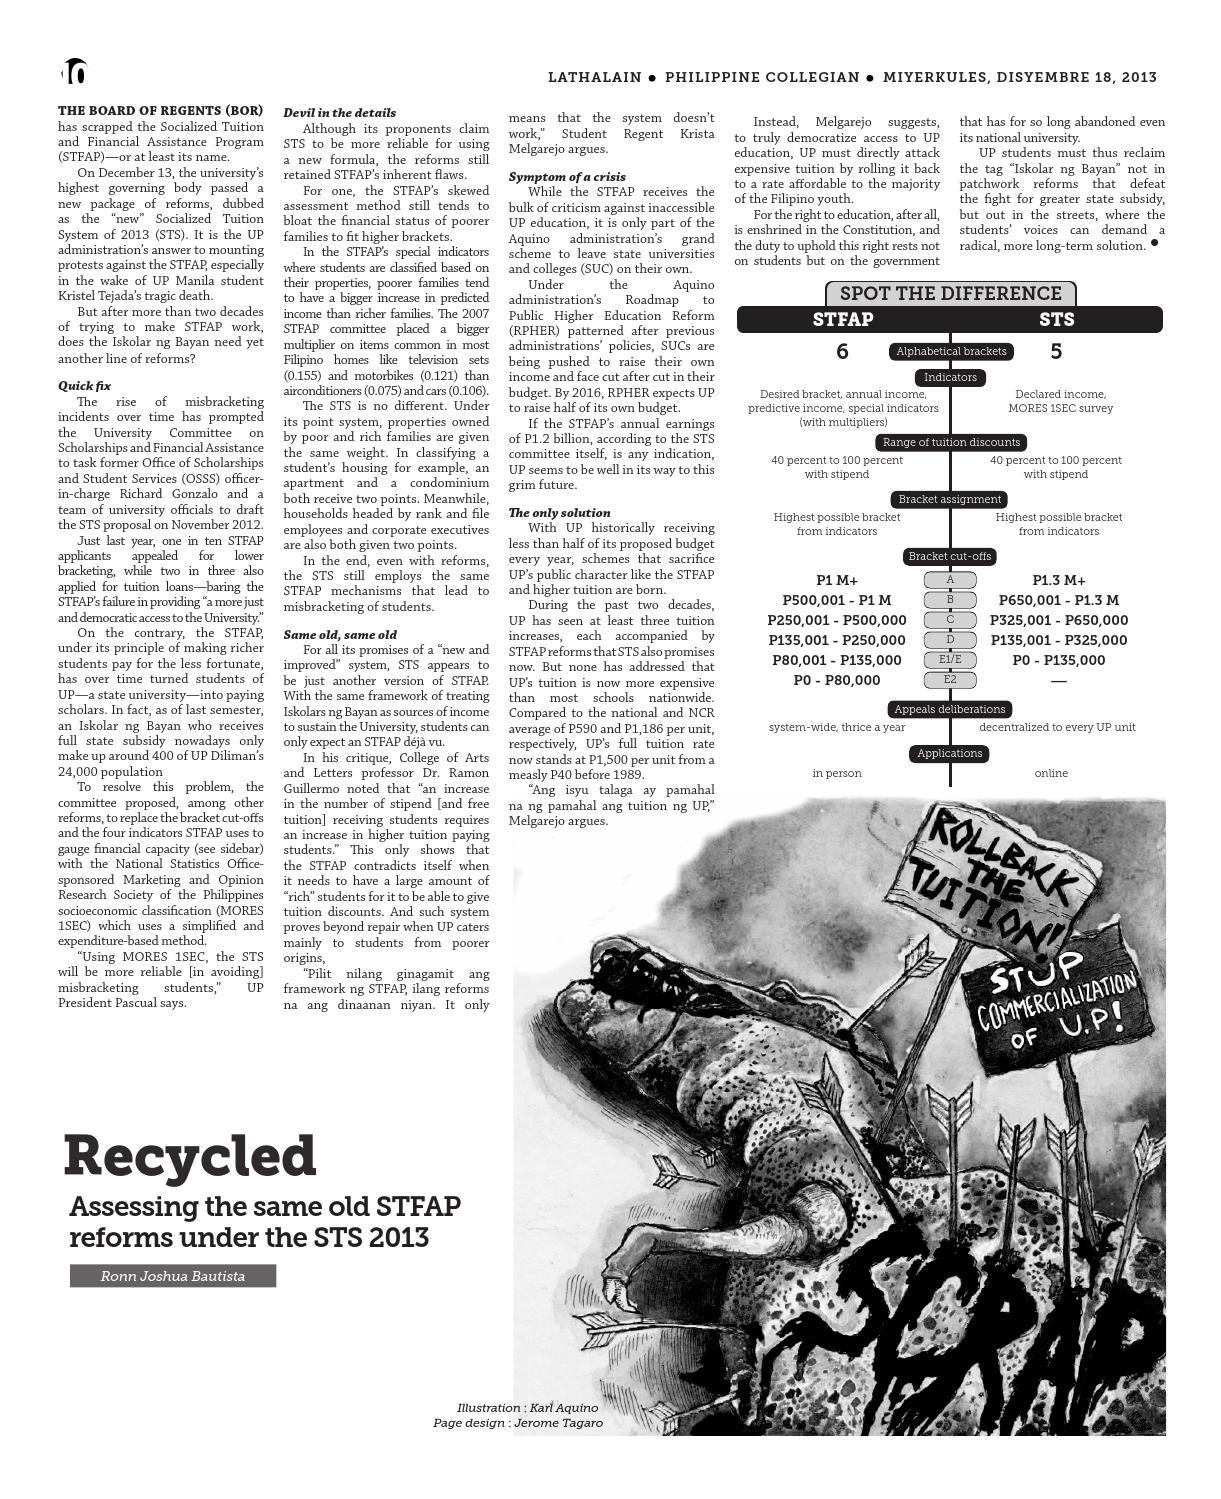 Philippine Collegian Issue 19-20 by Philippine Collegian - issuu